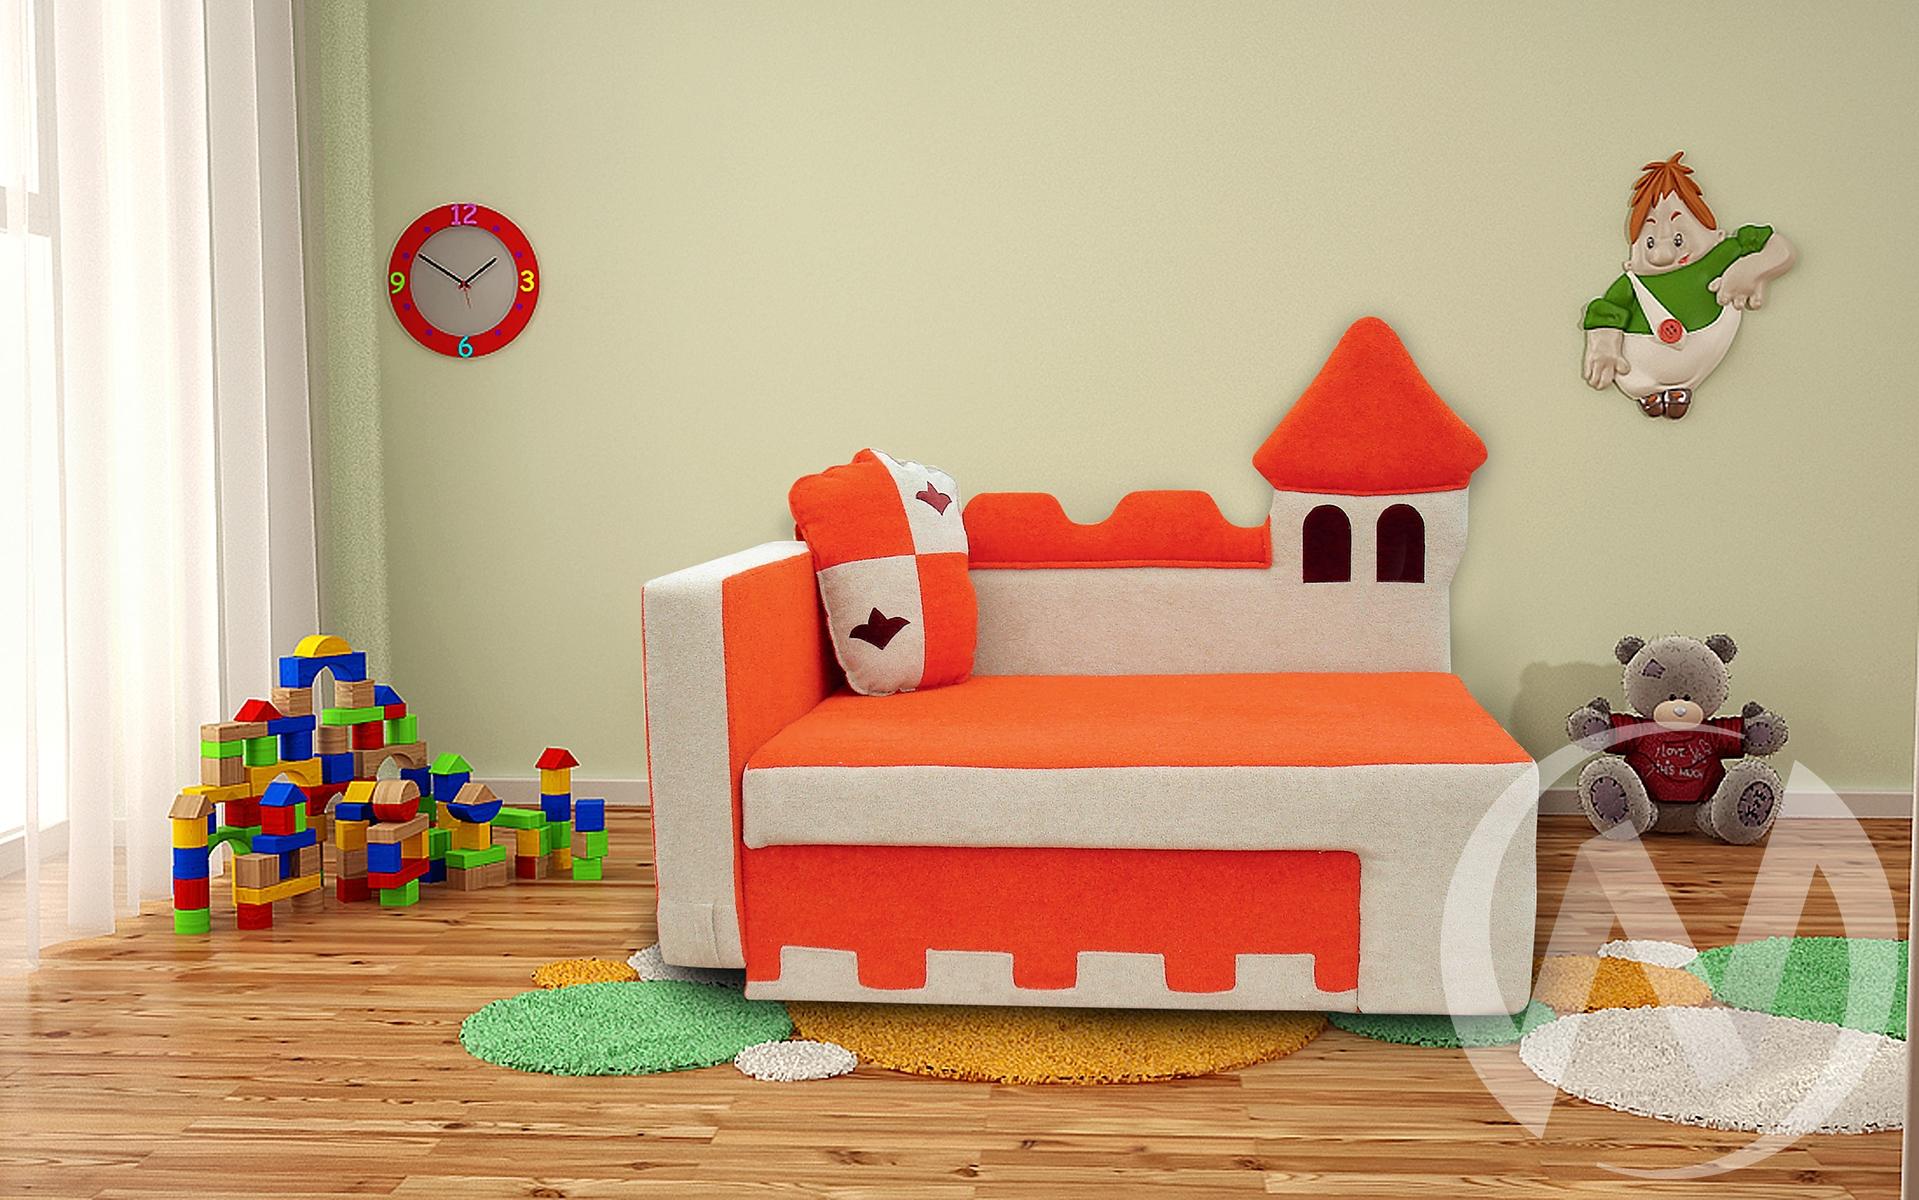 Замок диван детский левый недорого в Томске — интернет-магазин авторской мебели Экостиль